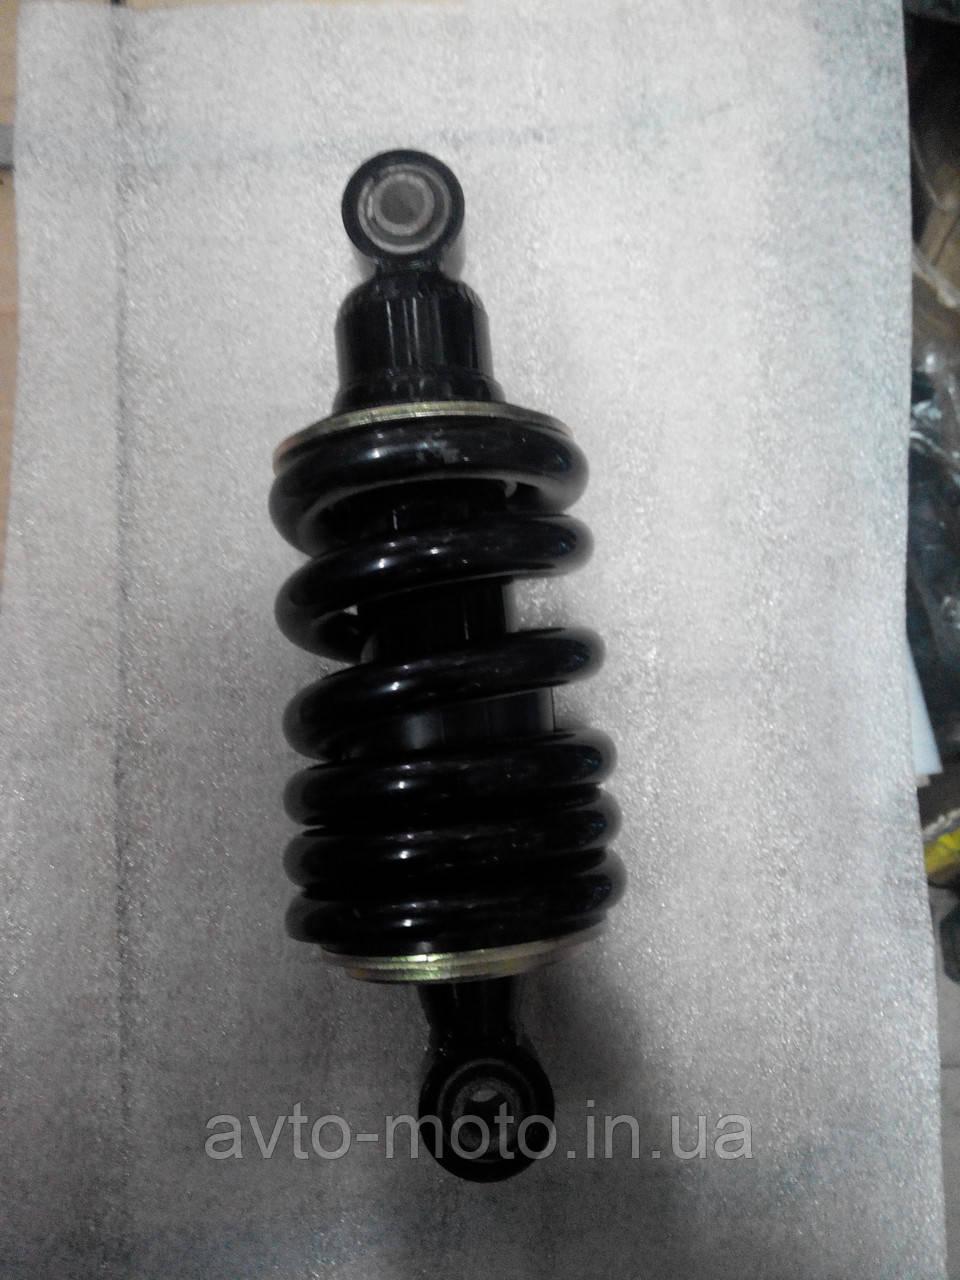 Моно амортизатор задний для мотоцикла 210 мм